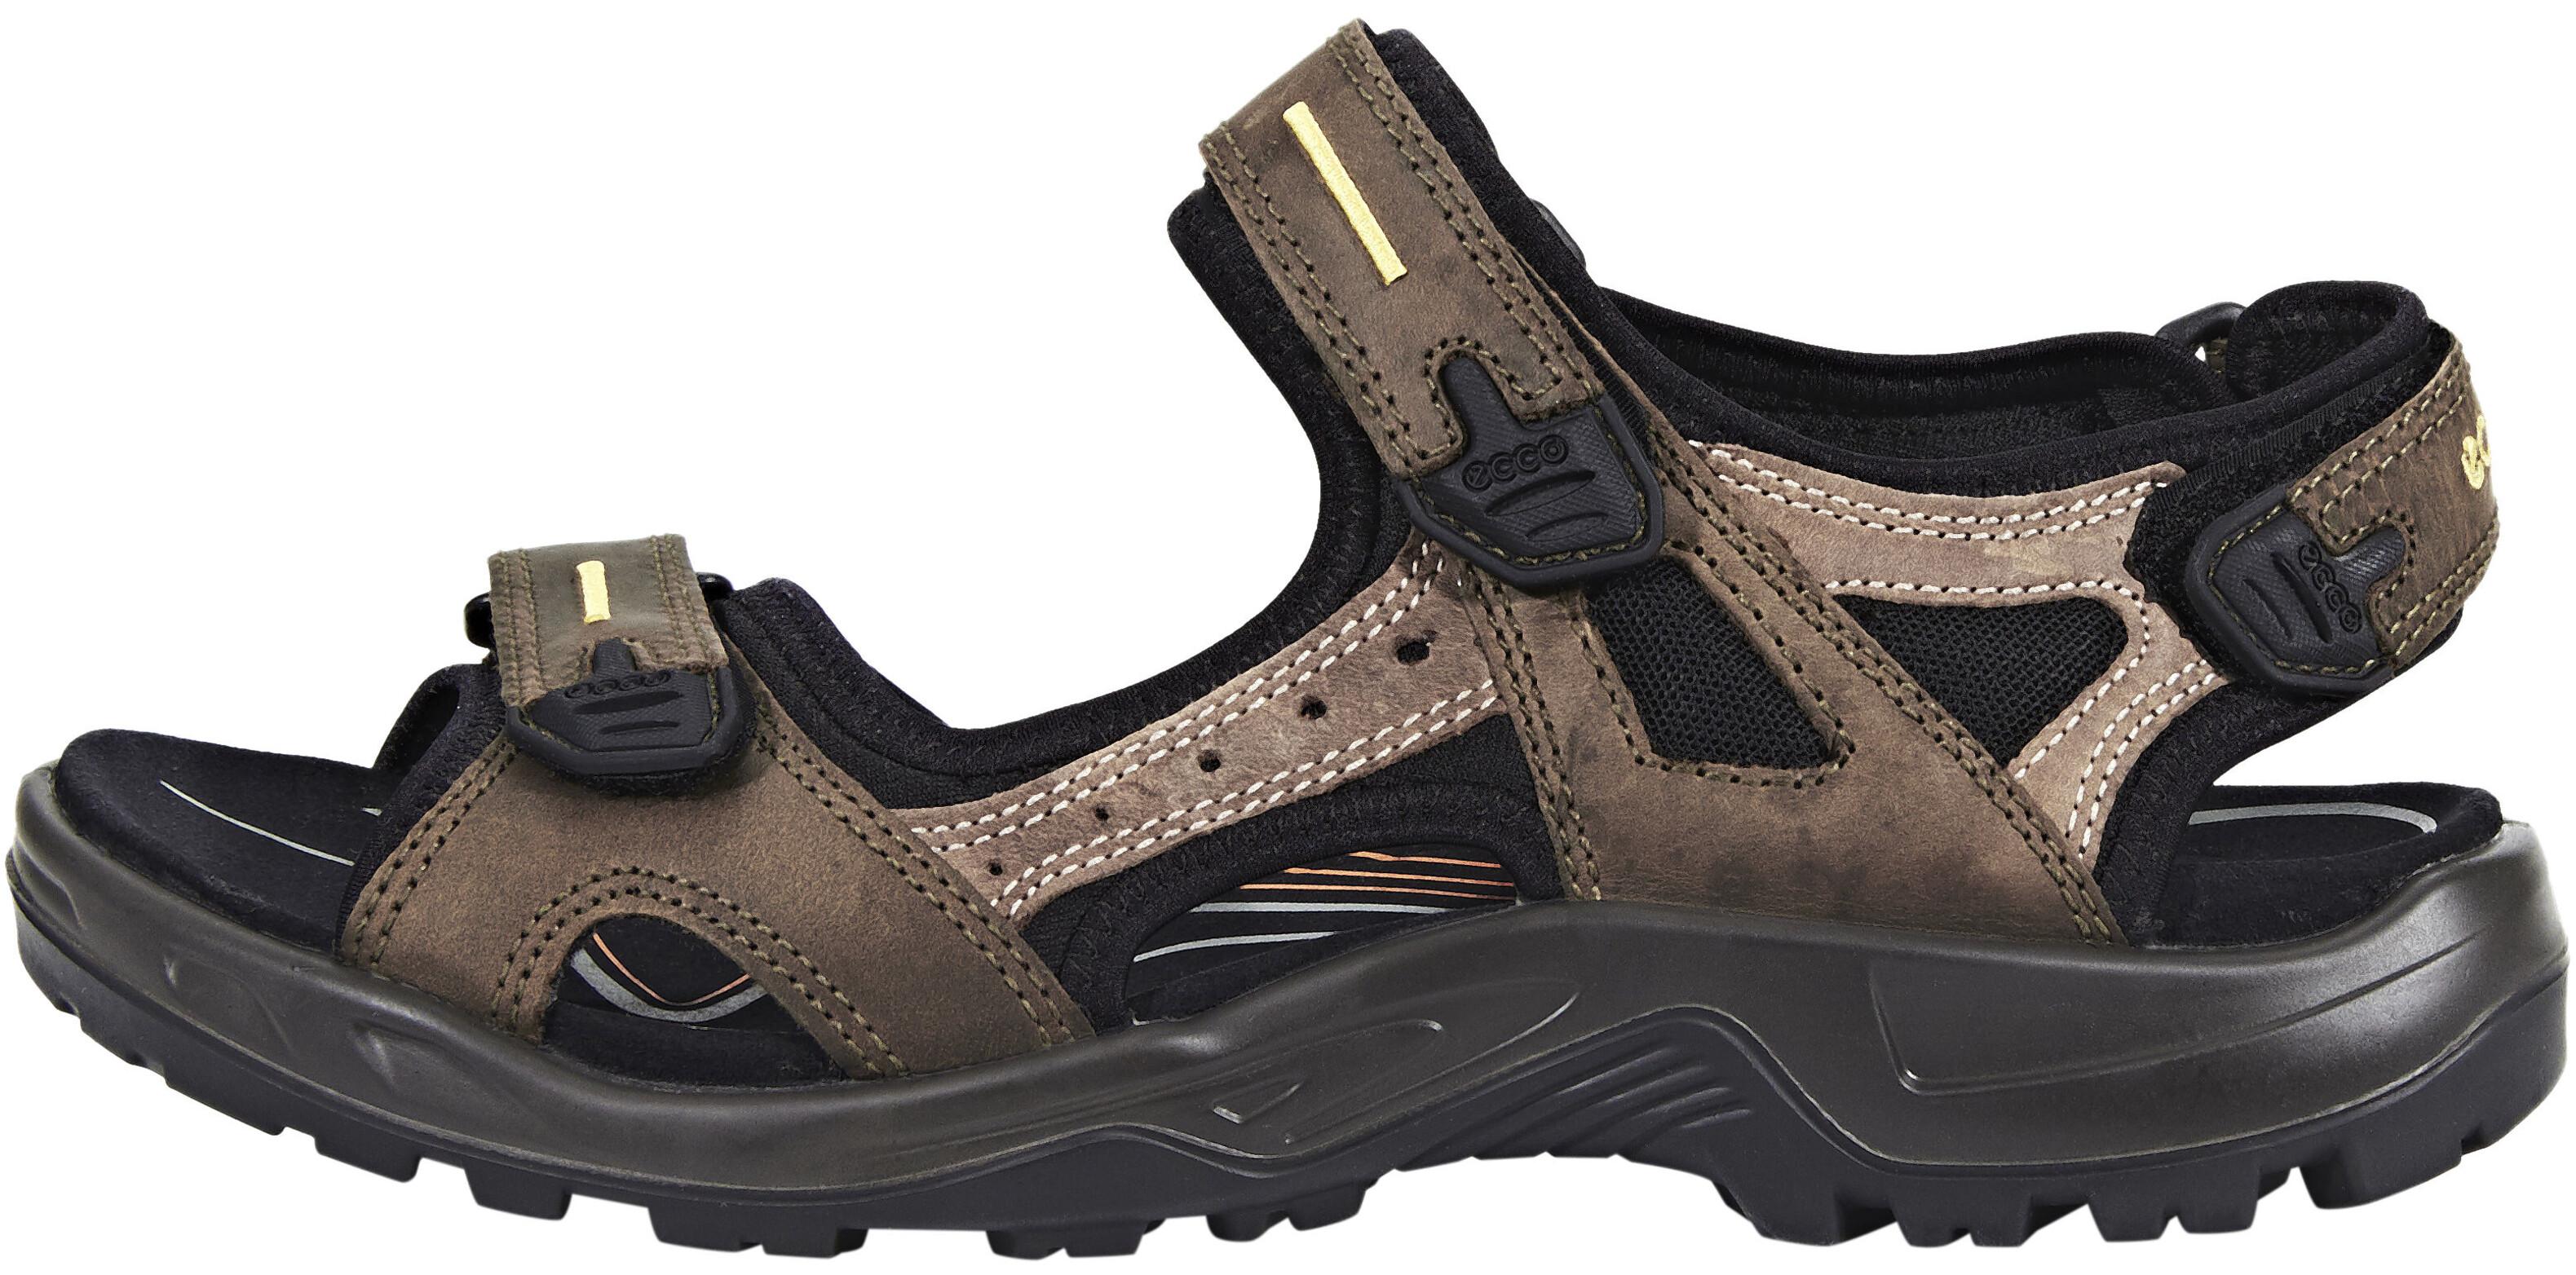 de7aefad751 ECCO Offroad Sandaler Herrer brun | Find outdoortøj, sko & udstyr på ...